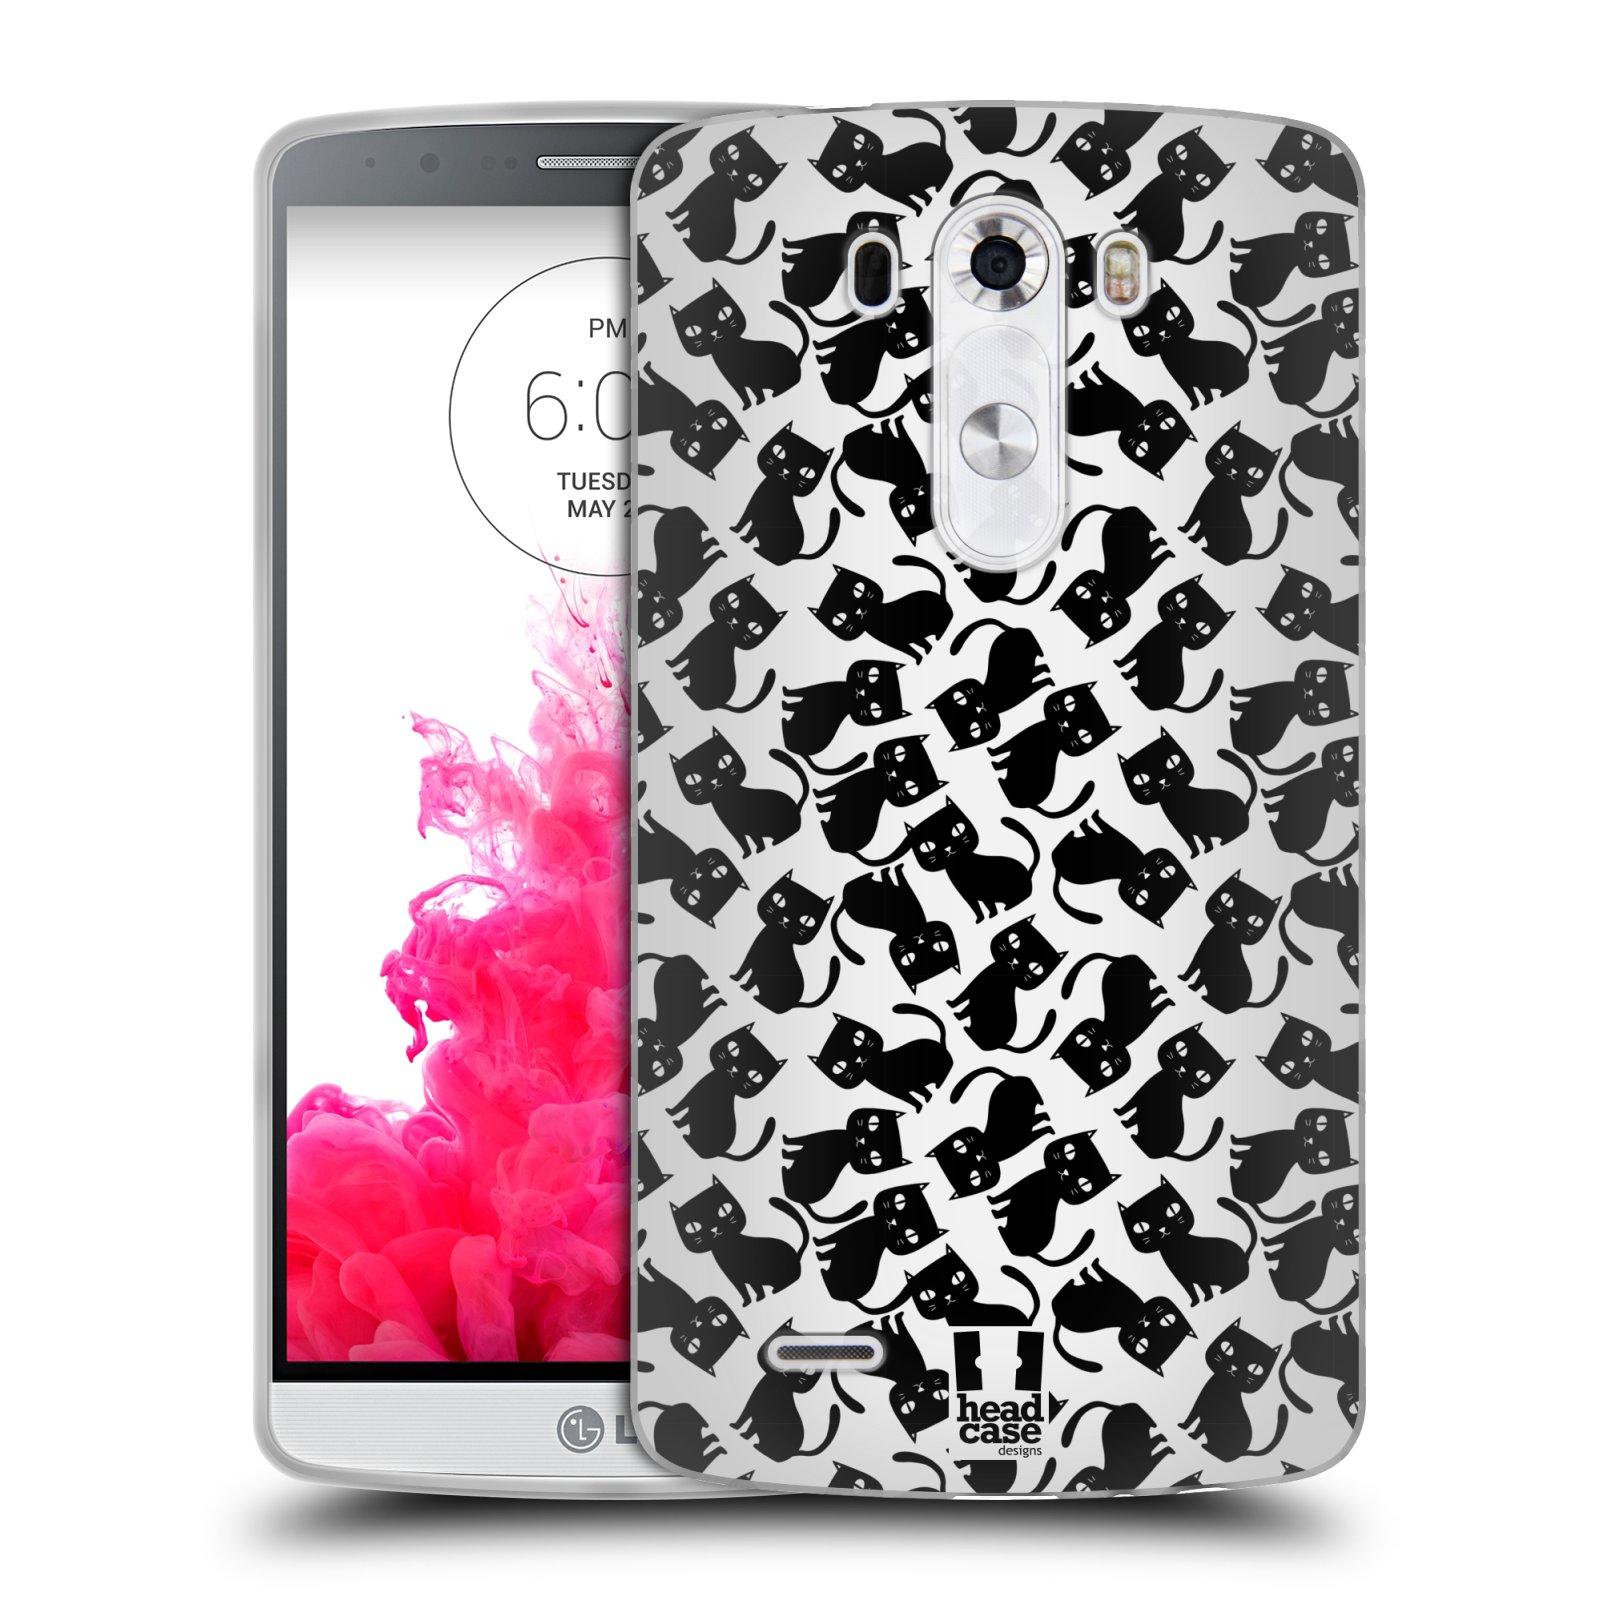 Silikonové pouzdro na mobil LG G3 HEAD CASE KOČKY Black Pattern (Silikonový kryt či obal na mobilní telefon LG G3 D855)